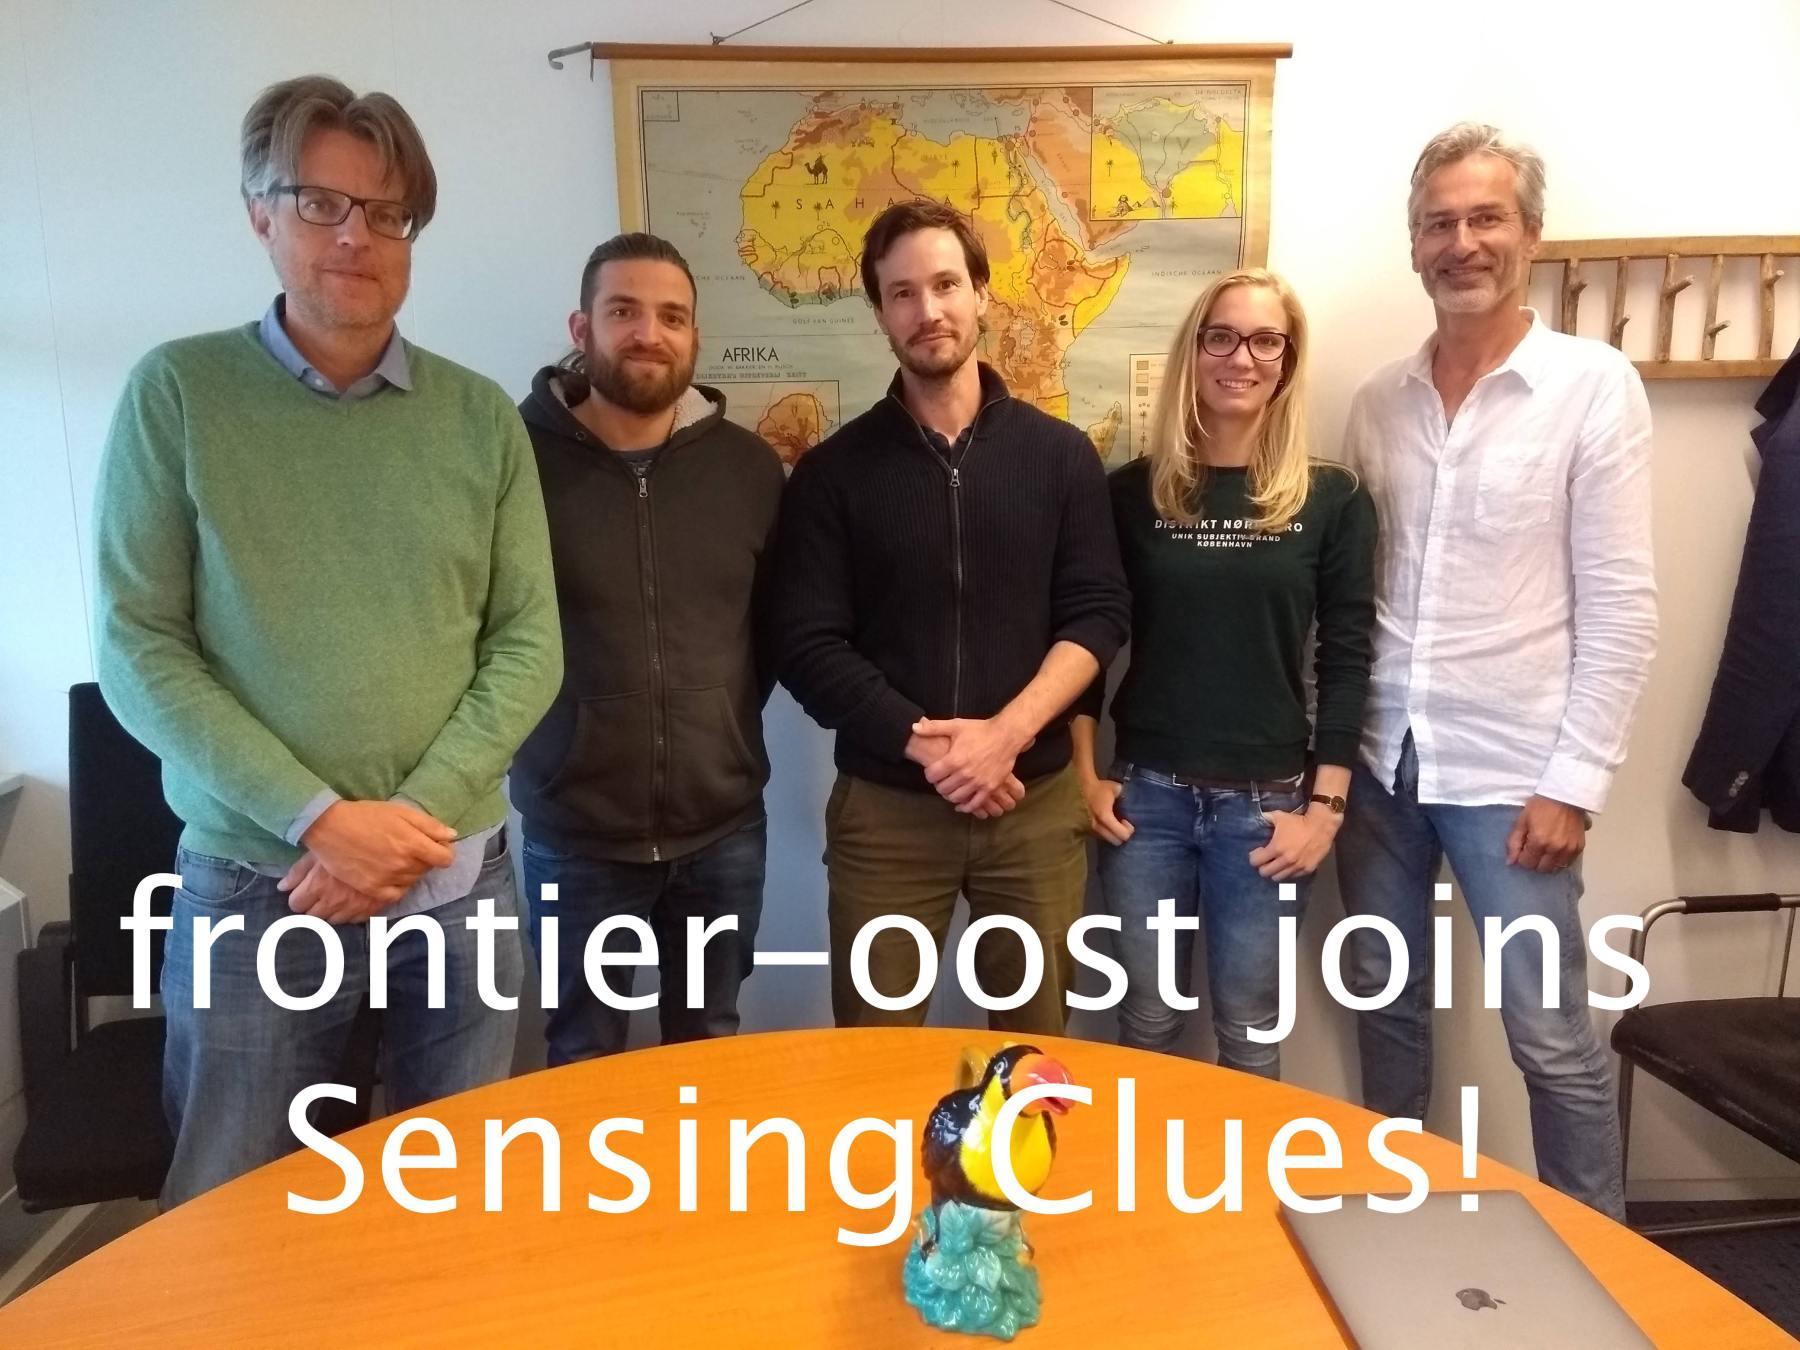 frontier-oost-joins-sc-1.jpg